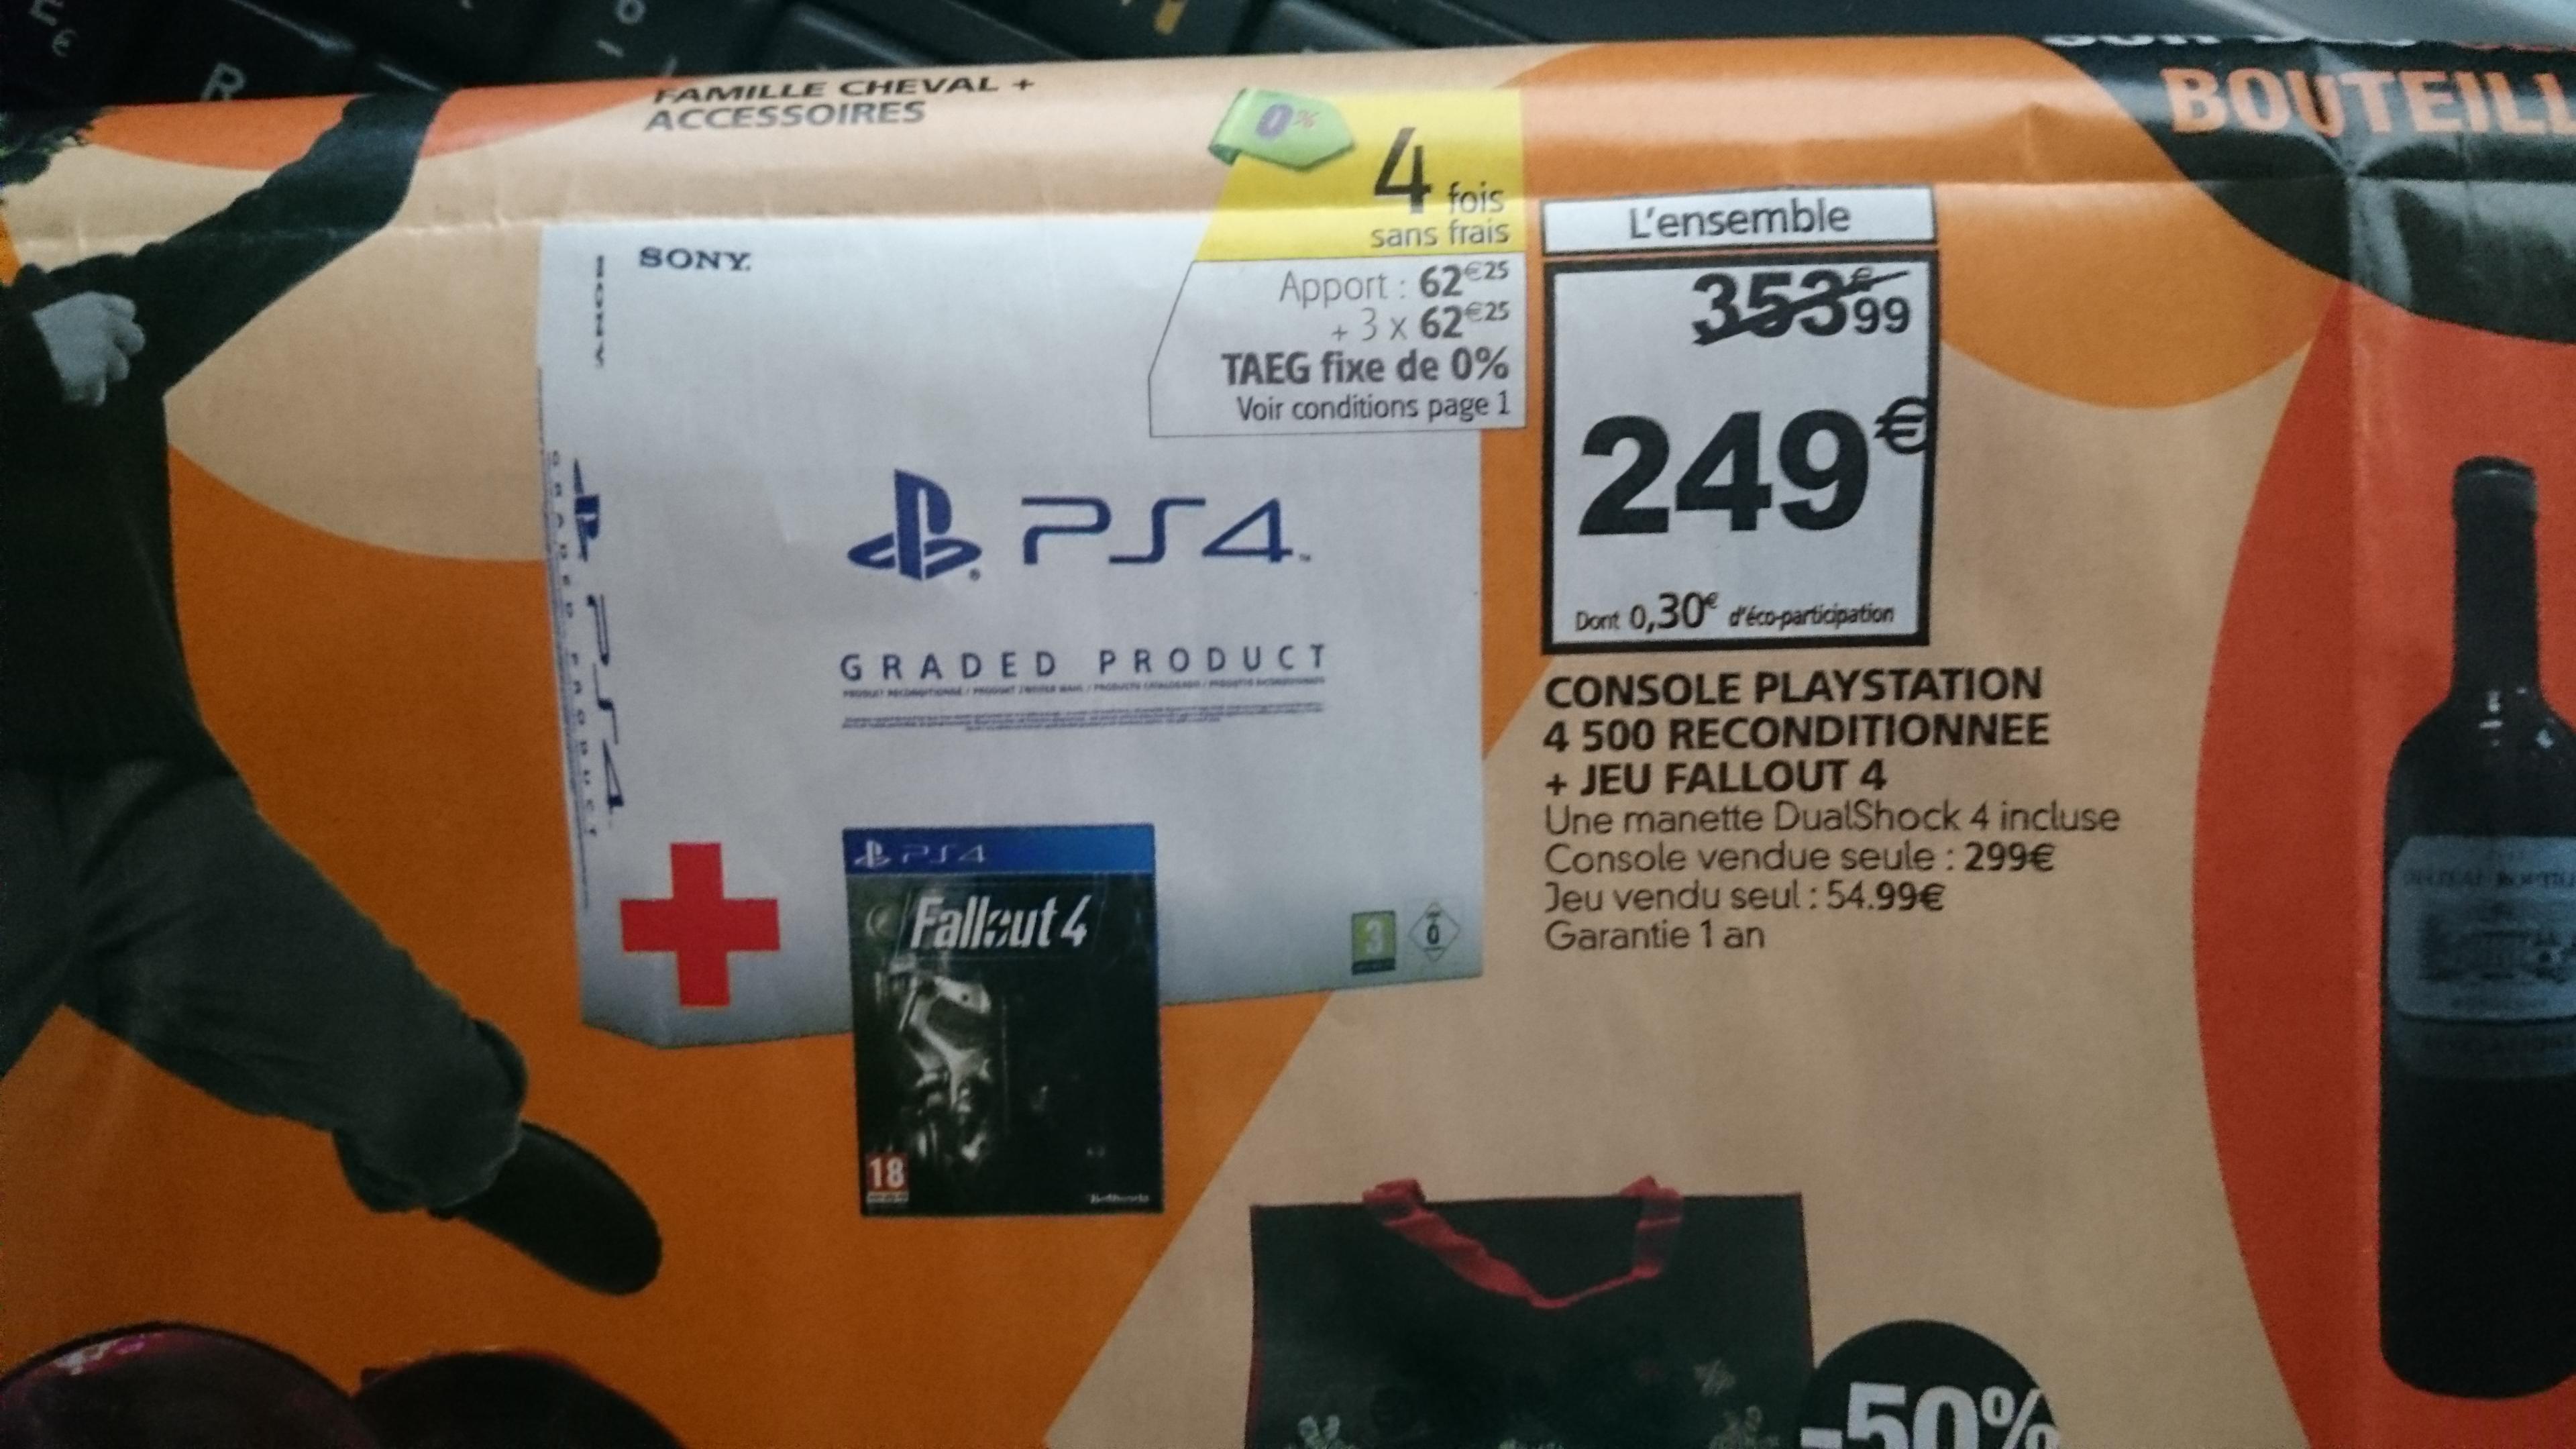 Console Sony PS4 500 Go Reconditionné (garantie 1 an) + Jeu FallOut 4 sur PS4